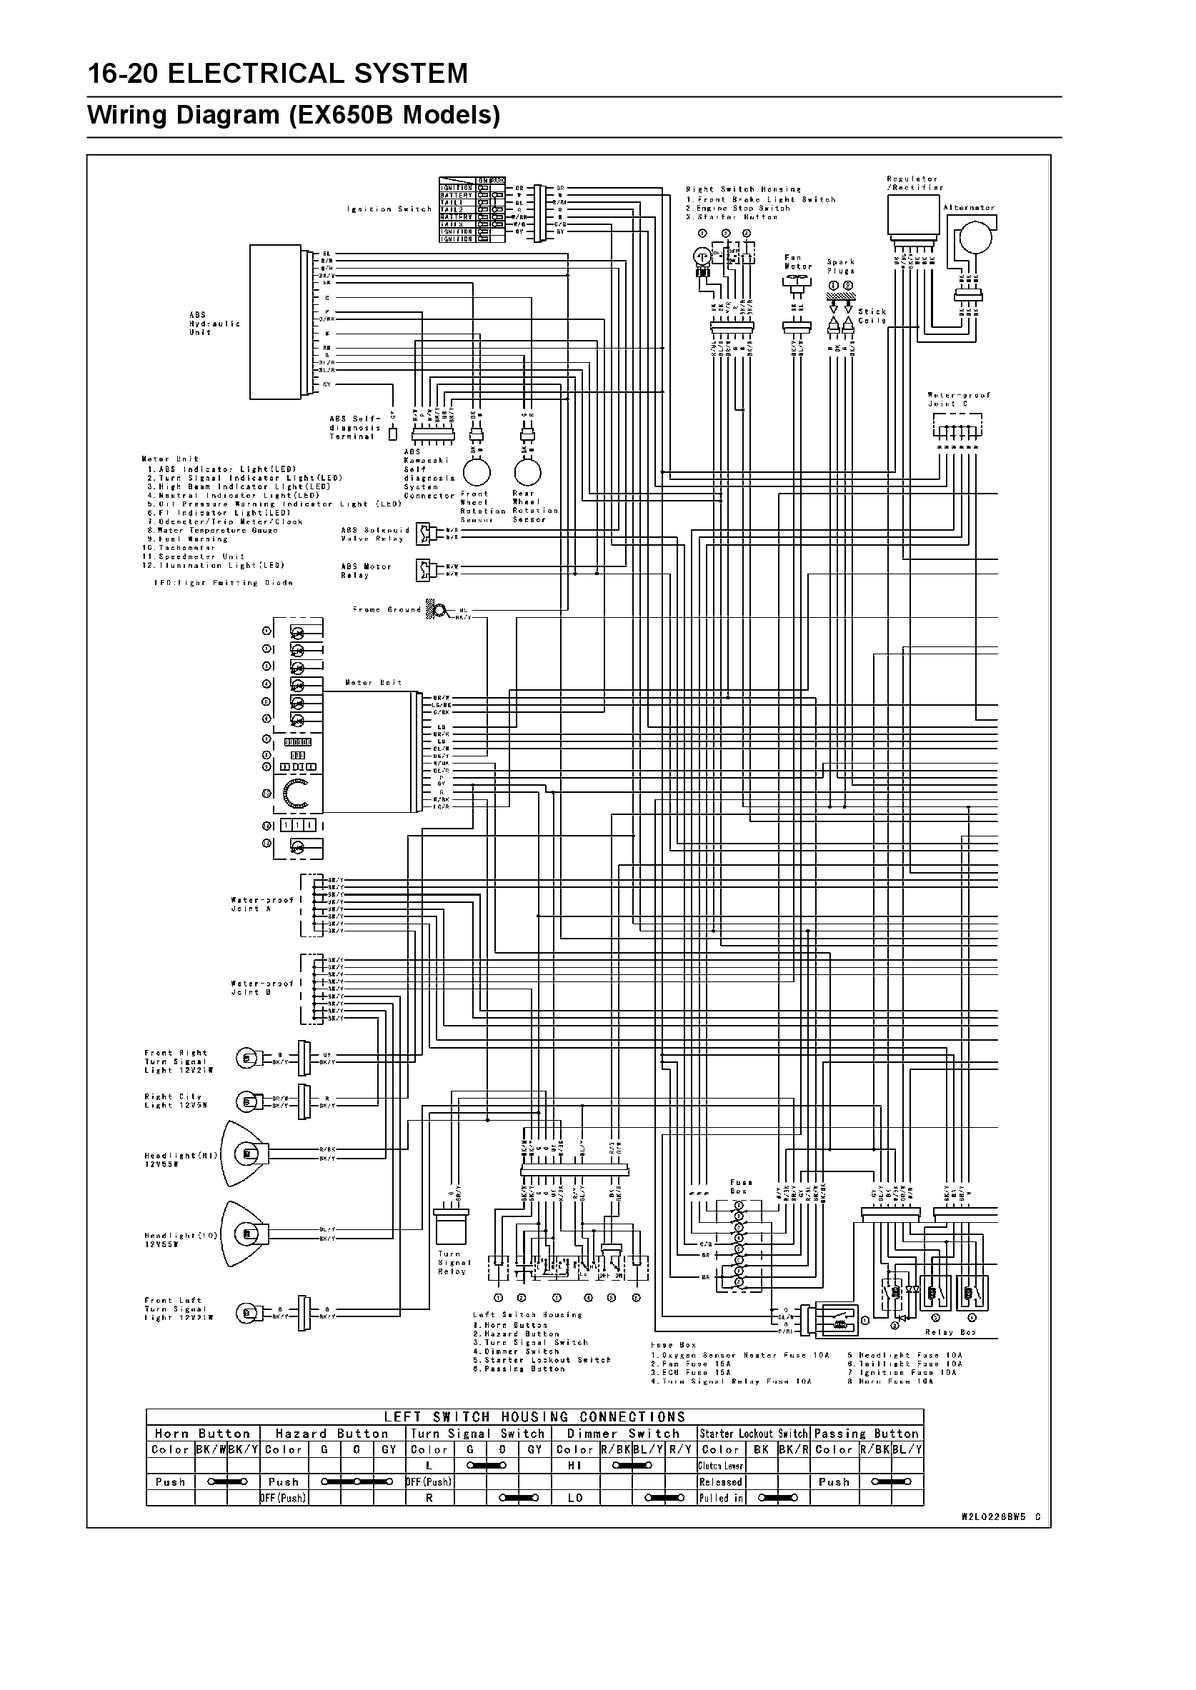 07 Kawasaki 650r Wiring Schematic Great Design Of Diagram Ninja 300 25 Images 1995 Mule 4x4